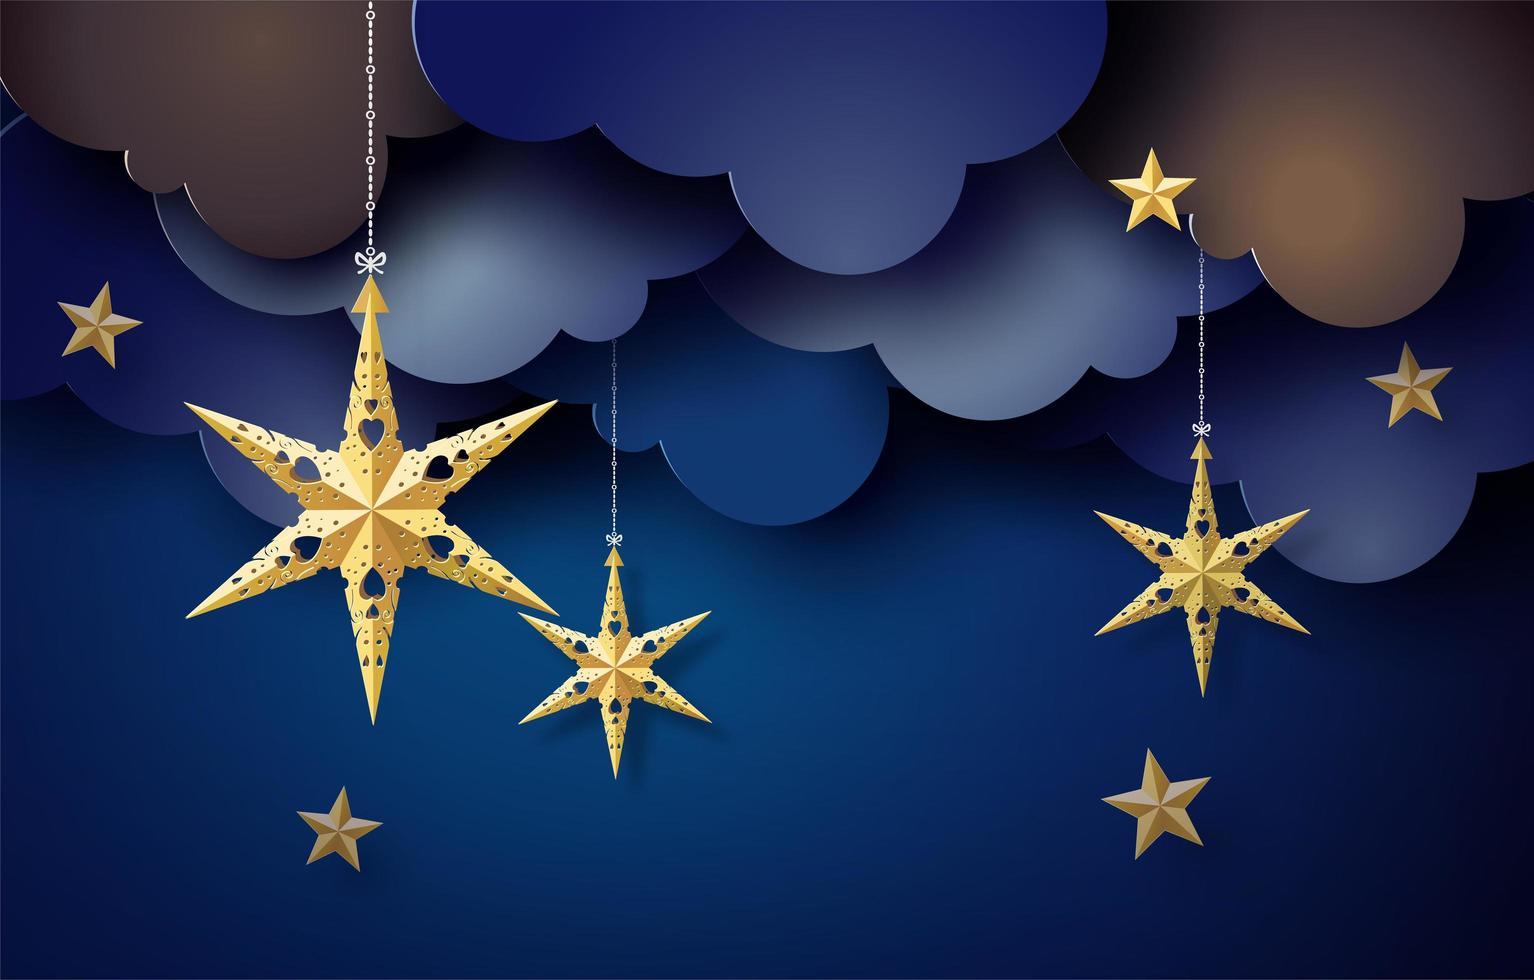 étoile en origami accrocher le ciel dans la nuit noire, vecteur